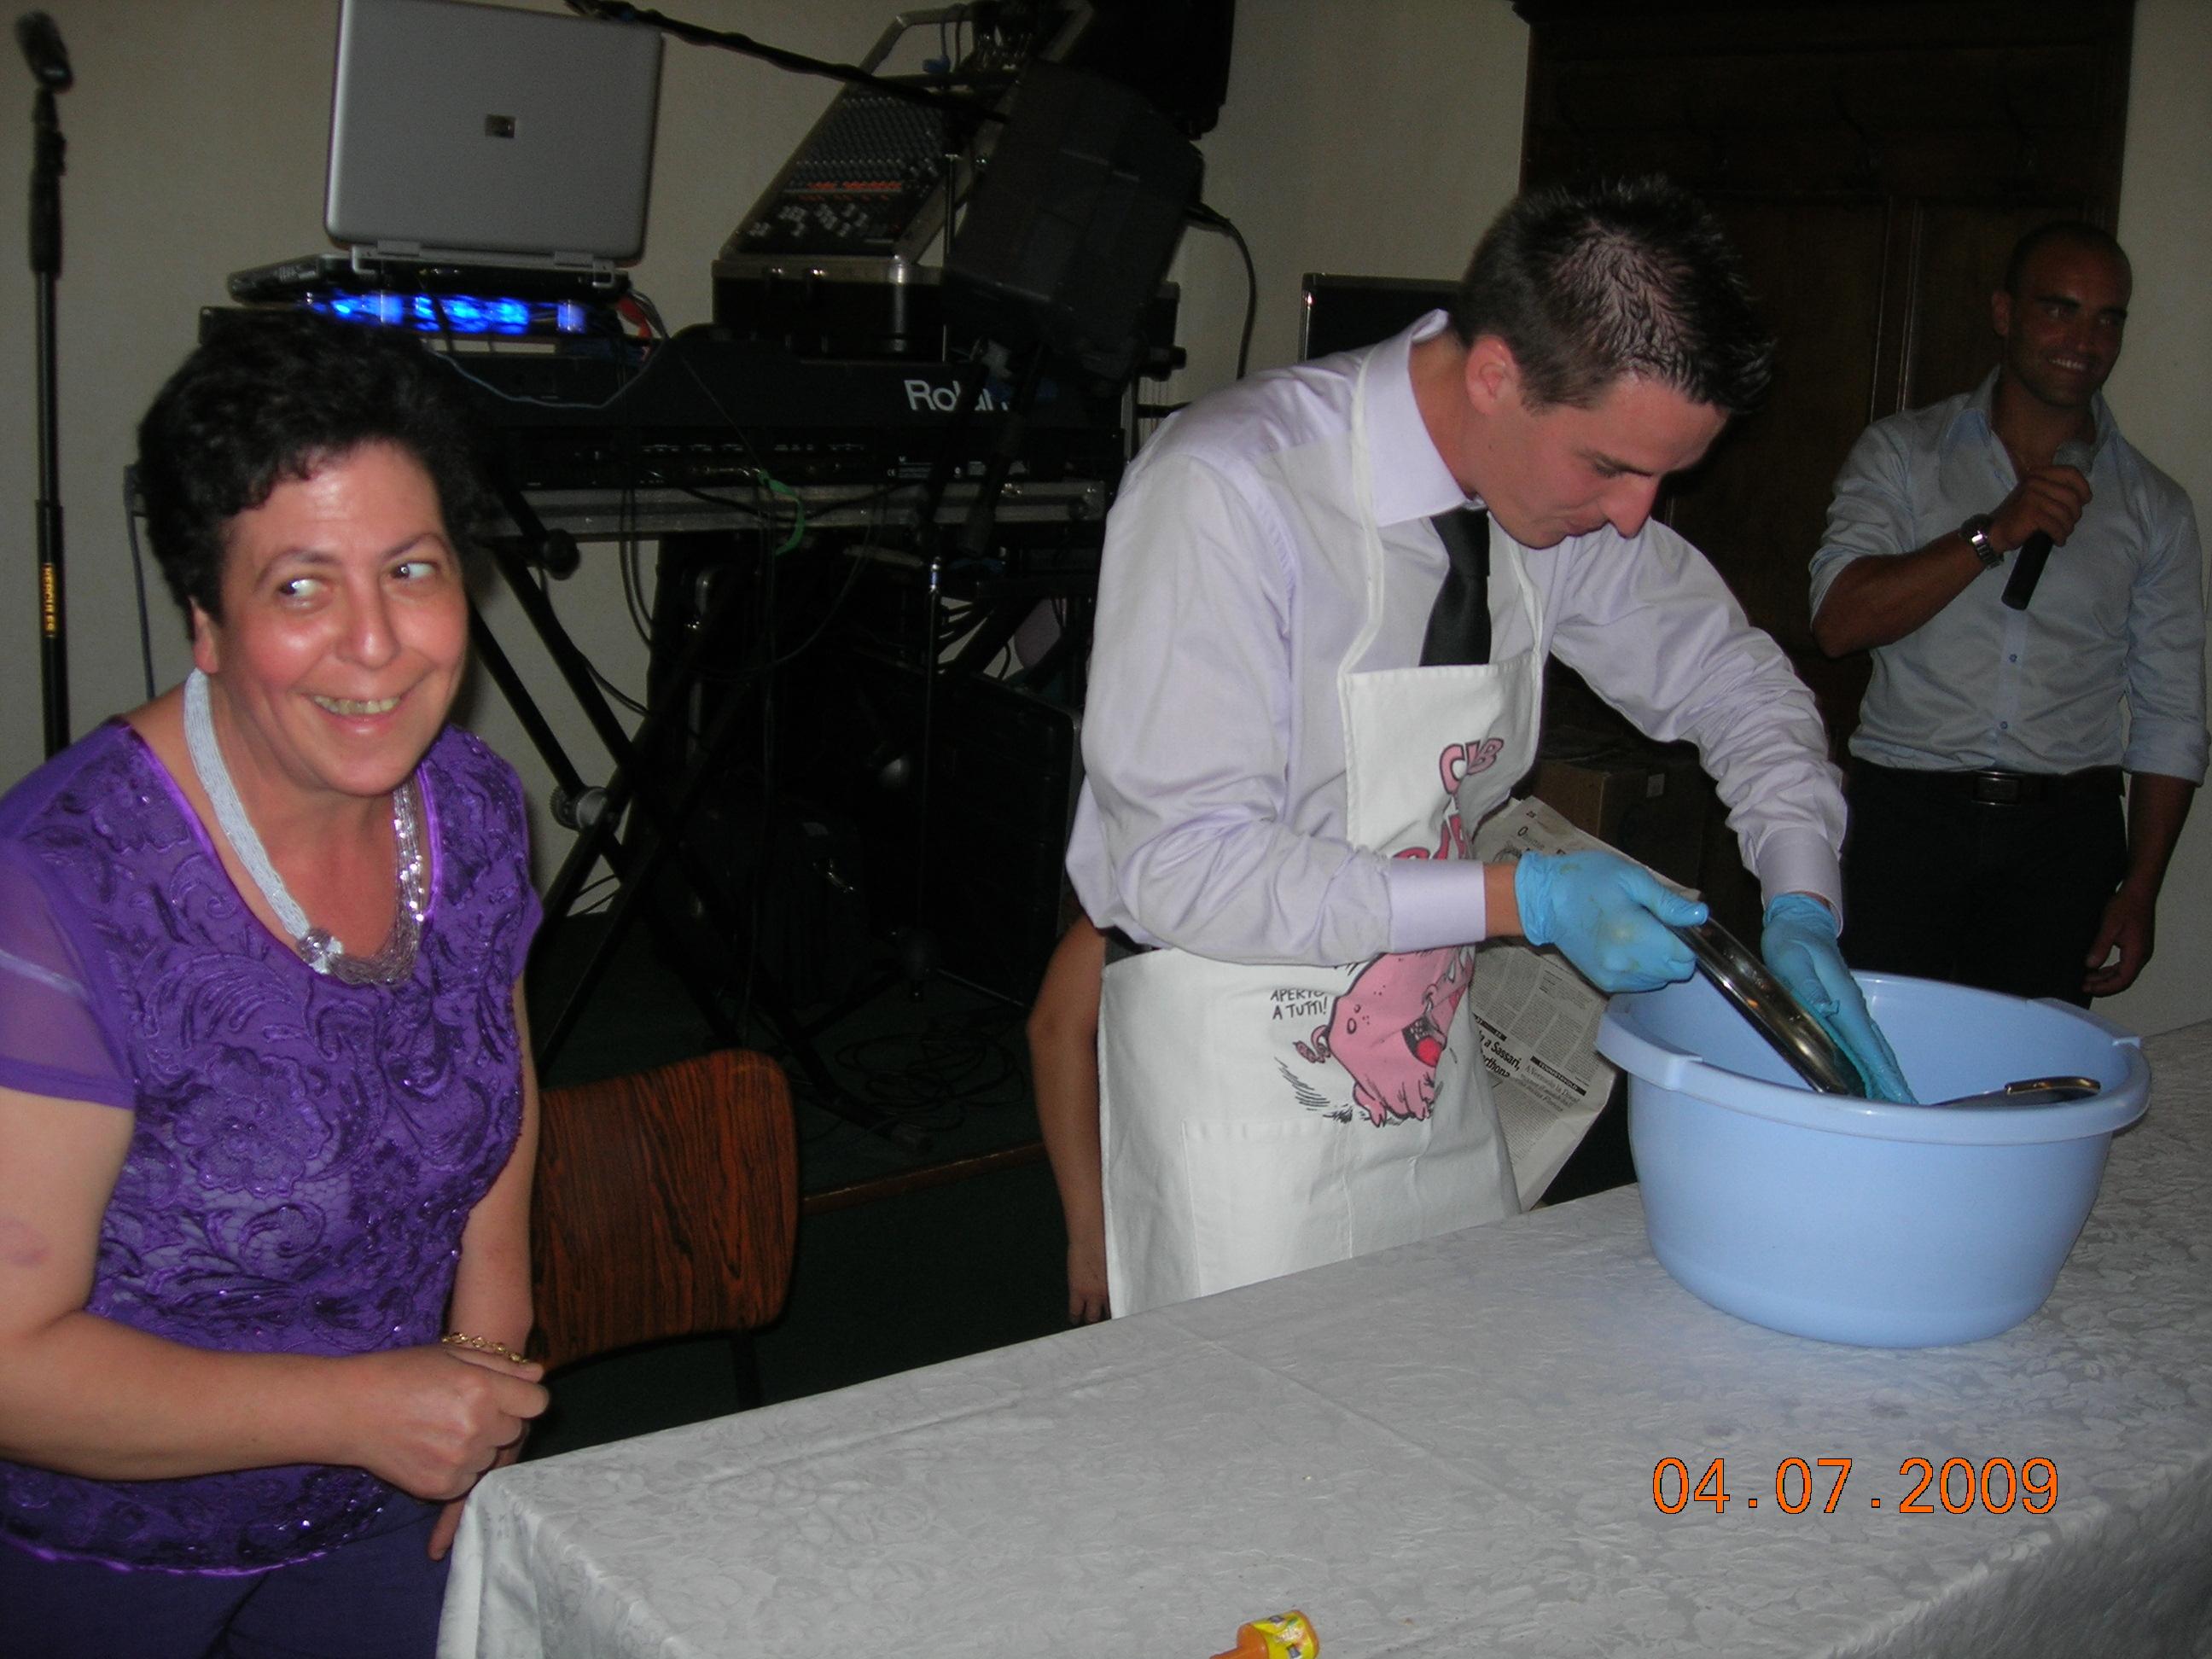 Oscar e Emanuela 04.07.2009 - 112.JPG